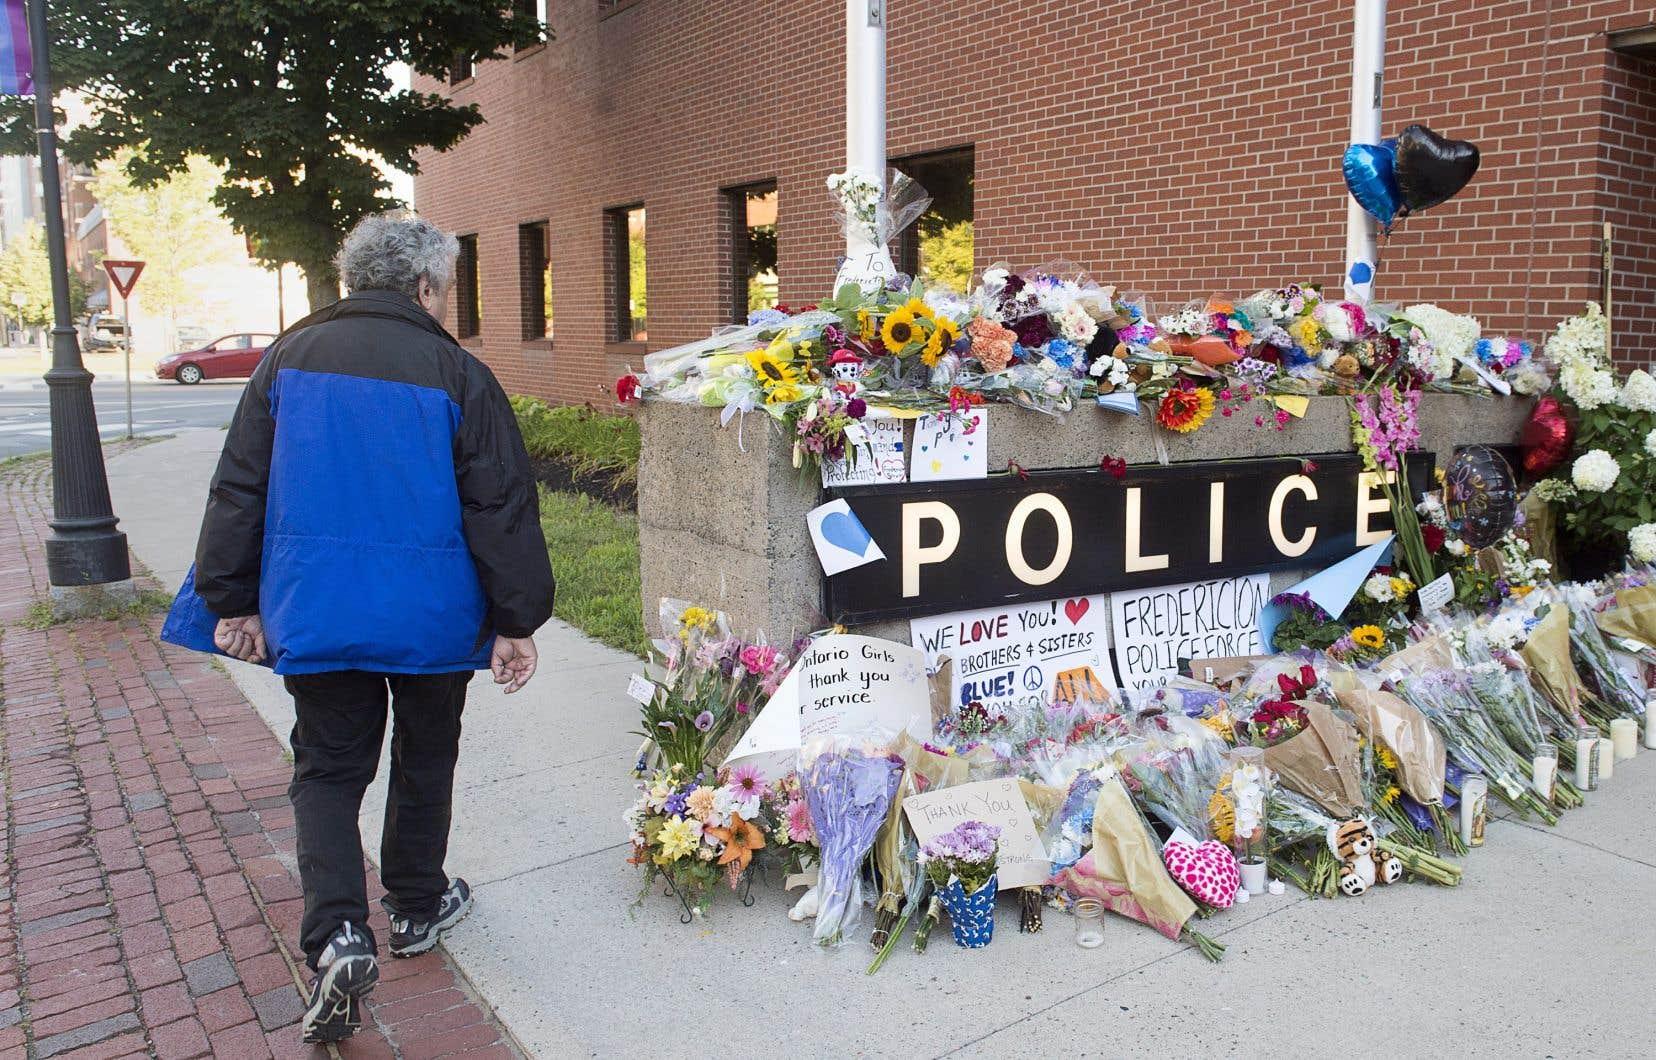 Un résident de Fredericton passe devant un hommage improvisé devant le poste de police de Fredericton le samedi 11 août 2018.